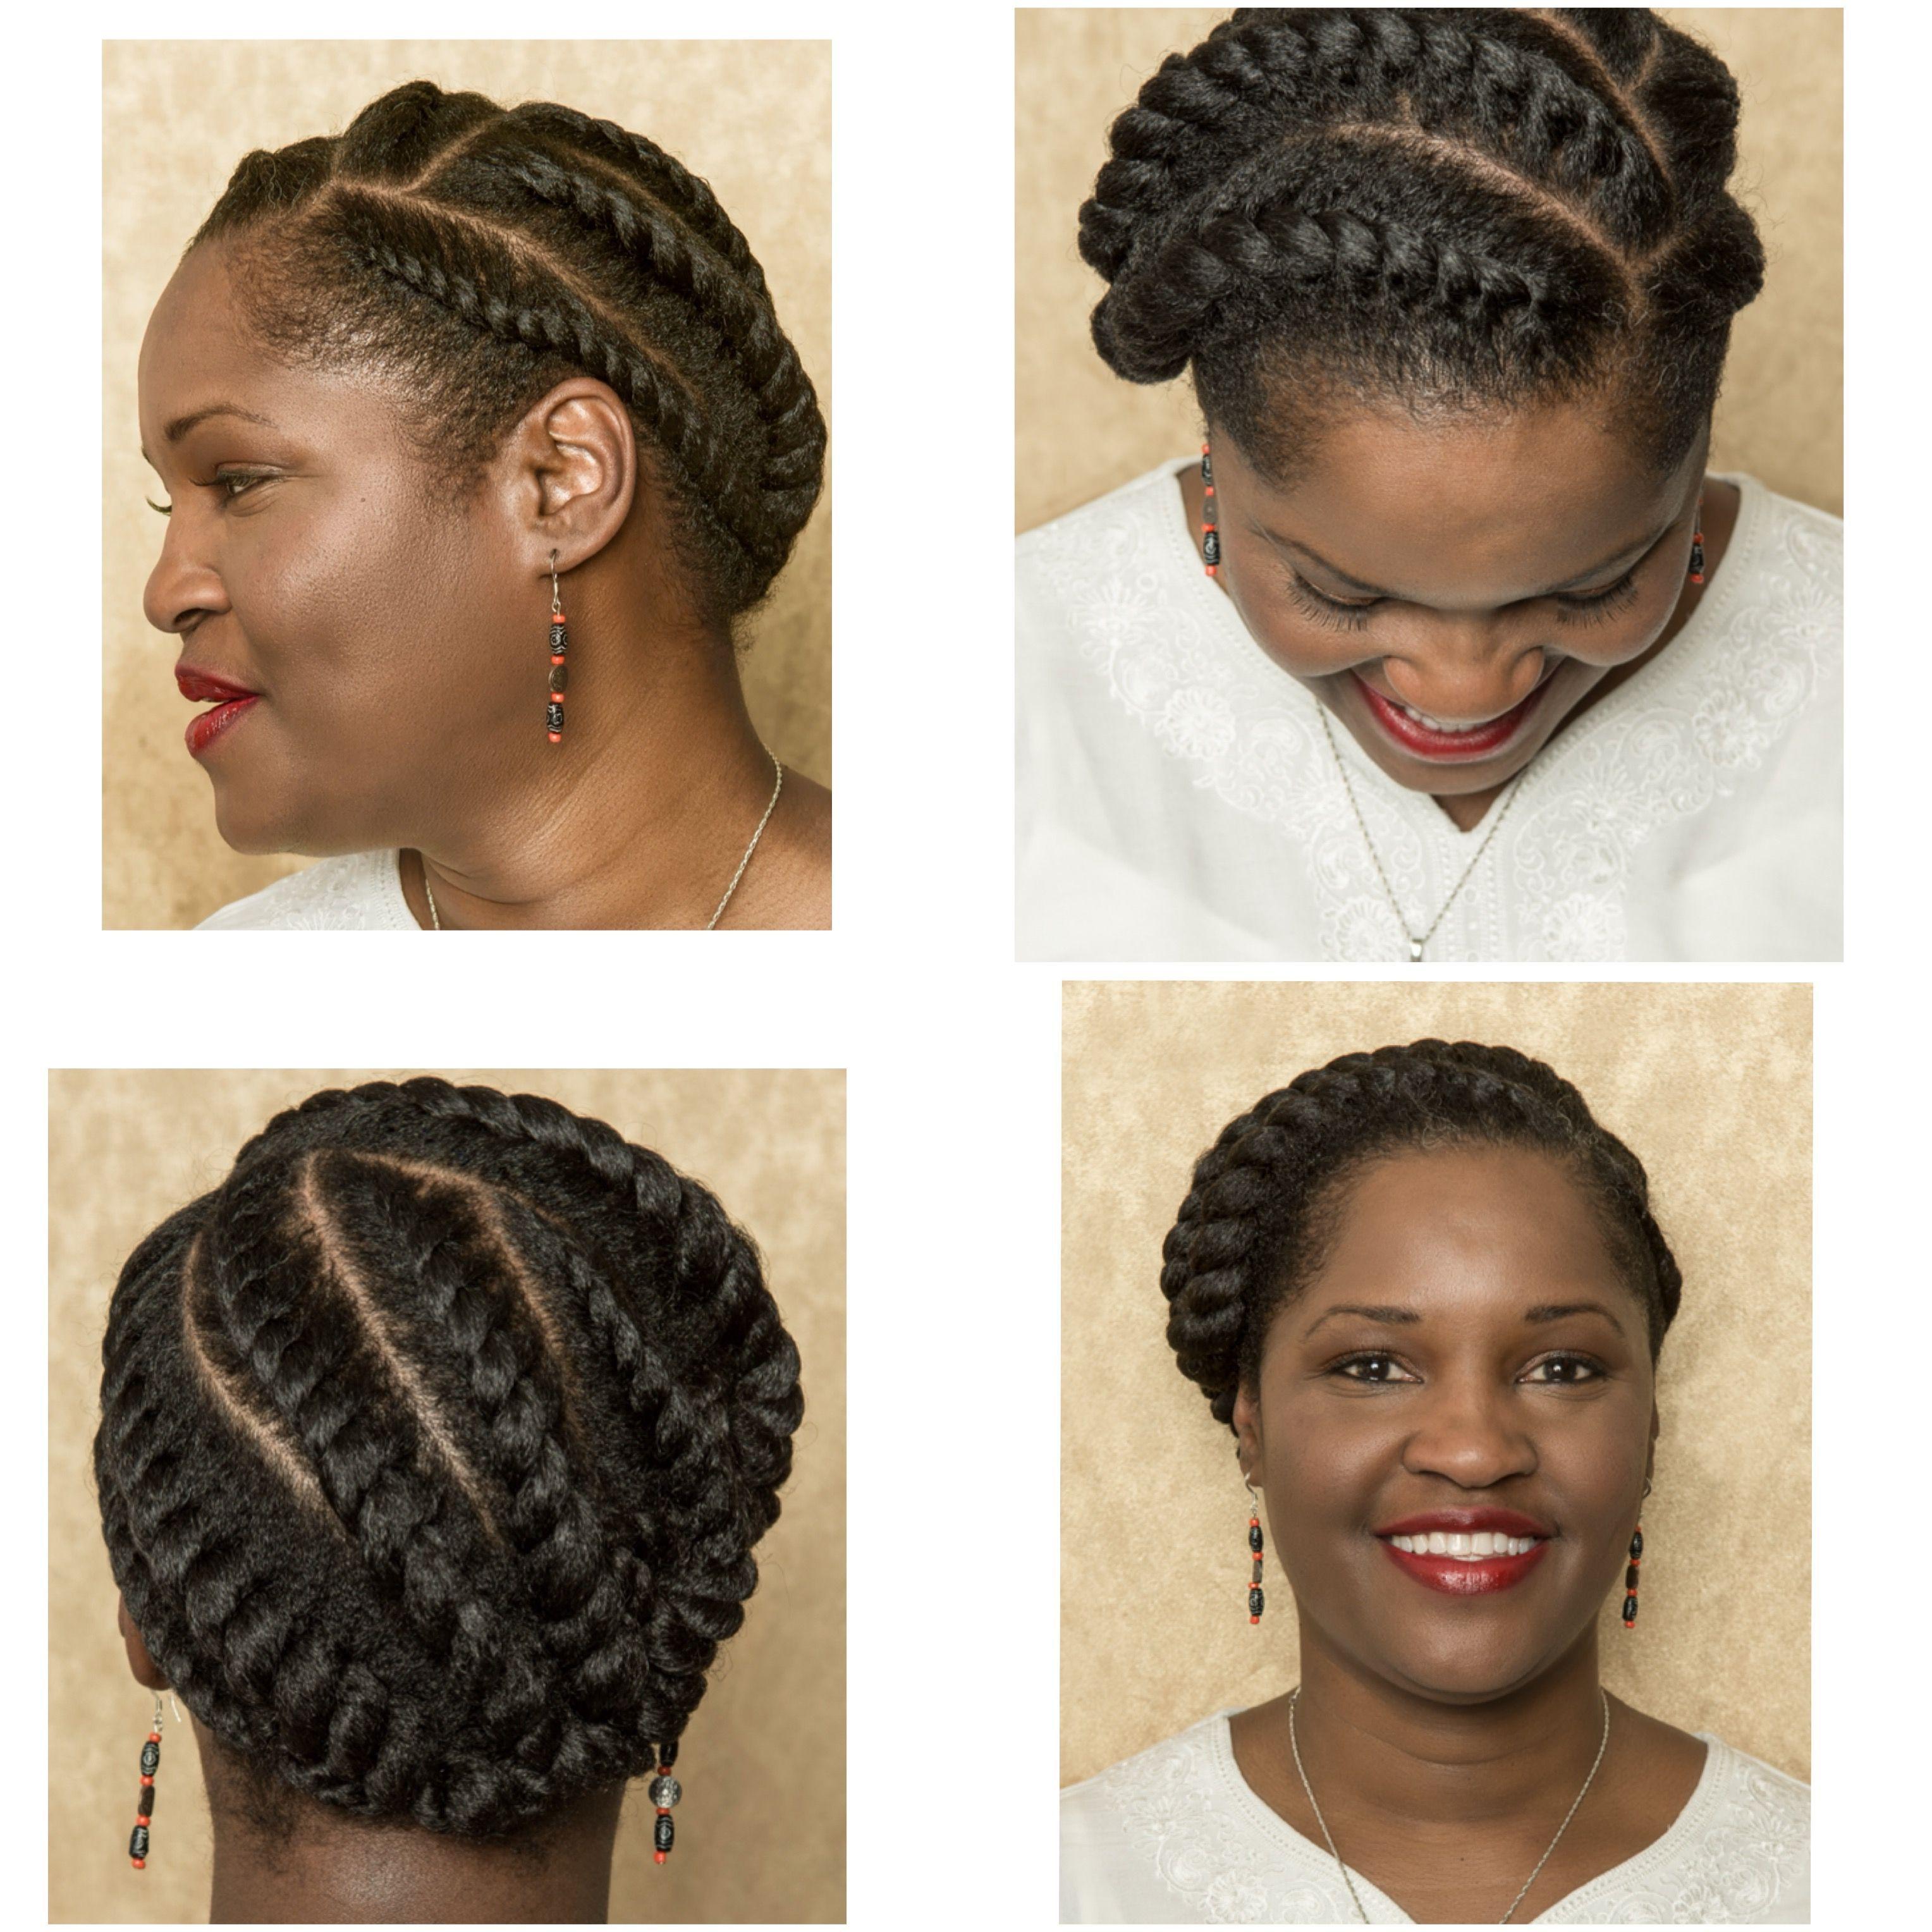 Pin Von Ruth Gibson Auf Coiffure Afro In 2020 Naturliche Frisuren Naturlocken Haar Styling